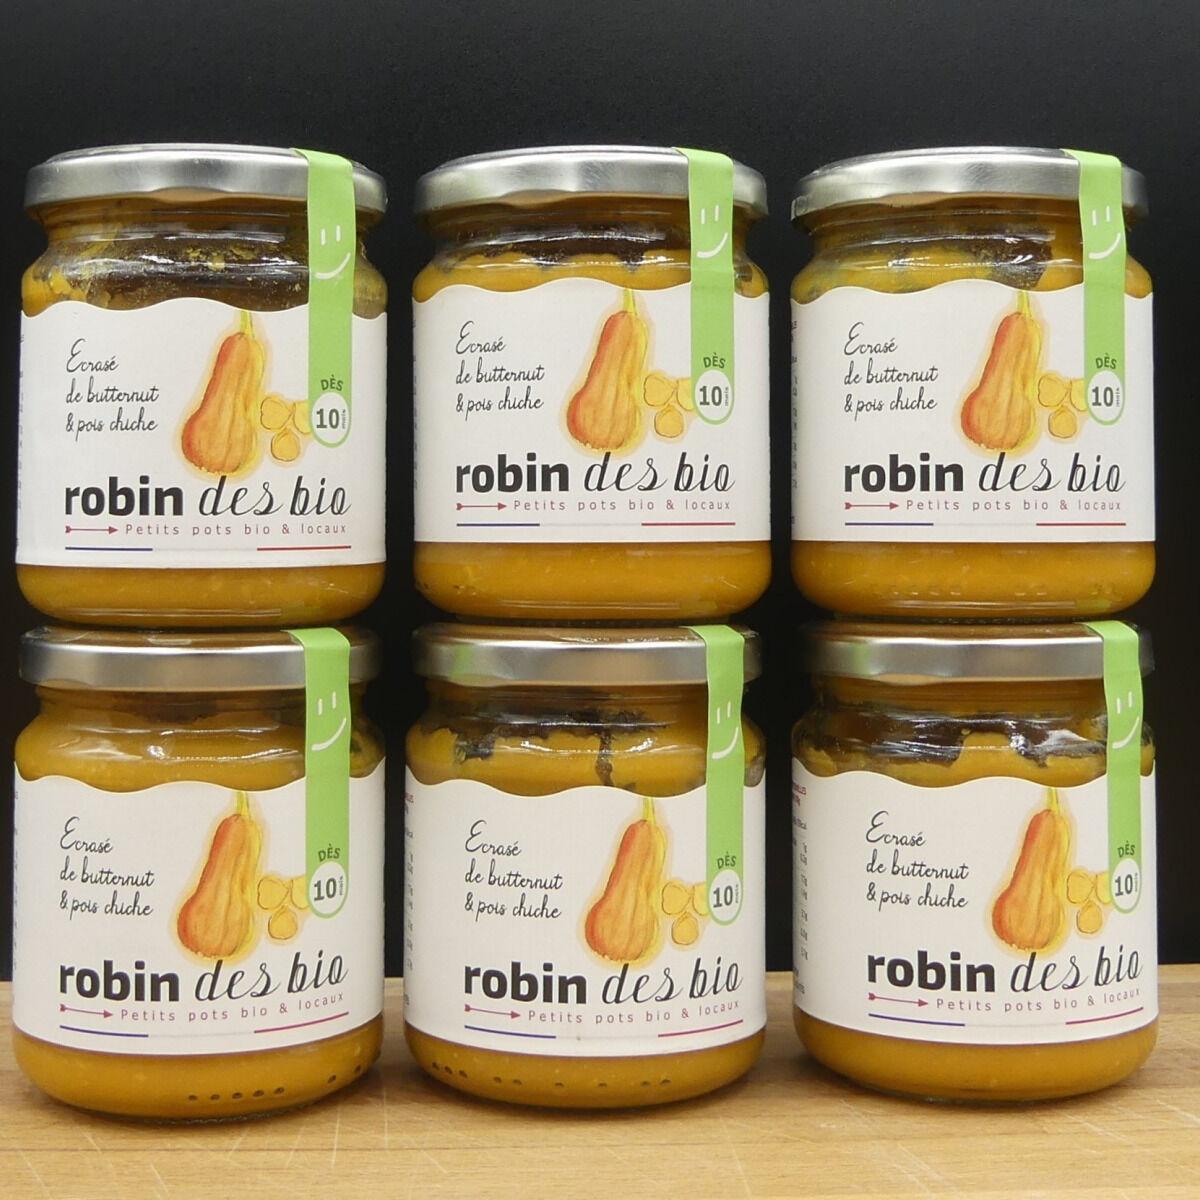 Robin des Bio Lot De Petit Pot Bébé Bio Et Locaux - 6x Écrasé De Butternut Pois Chiche